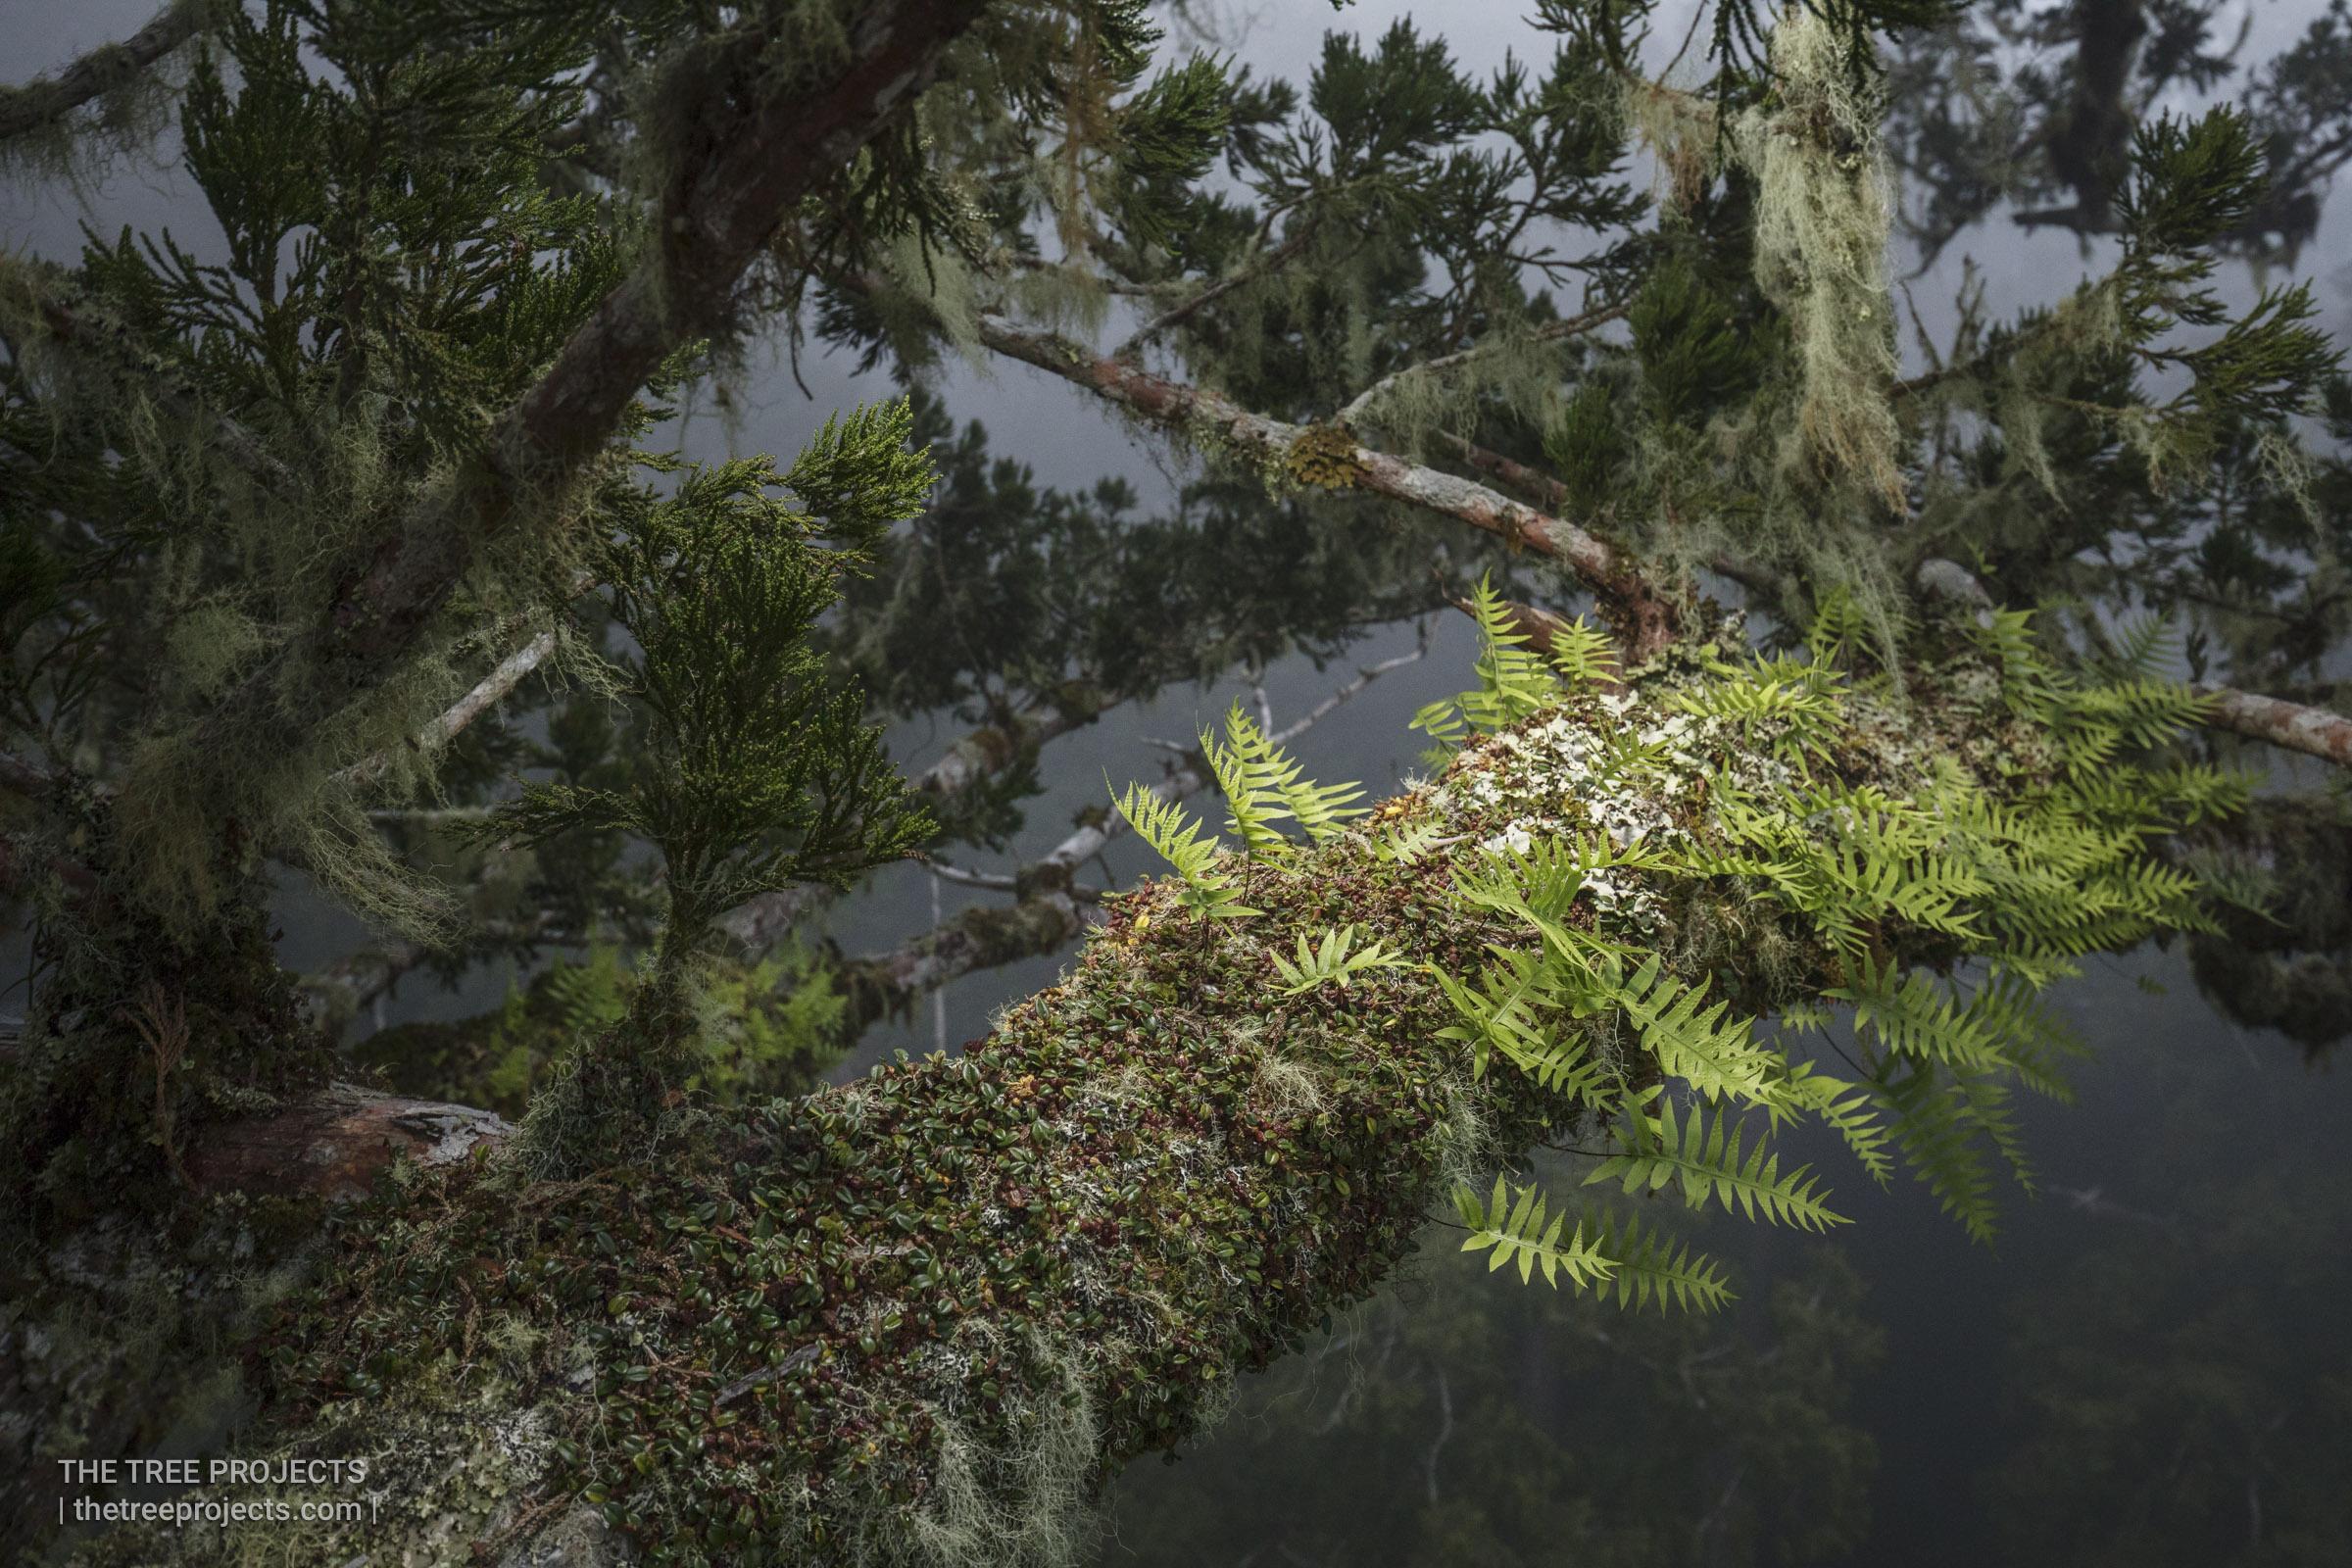 Taiwan-Tree-Project-201705052017-05-05-_5D41589.jpg